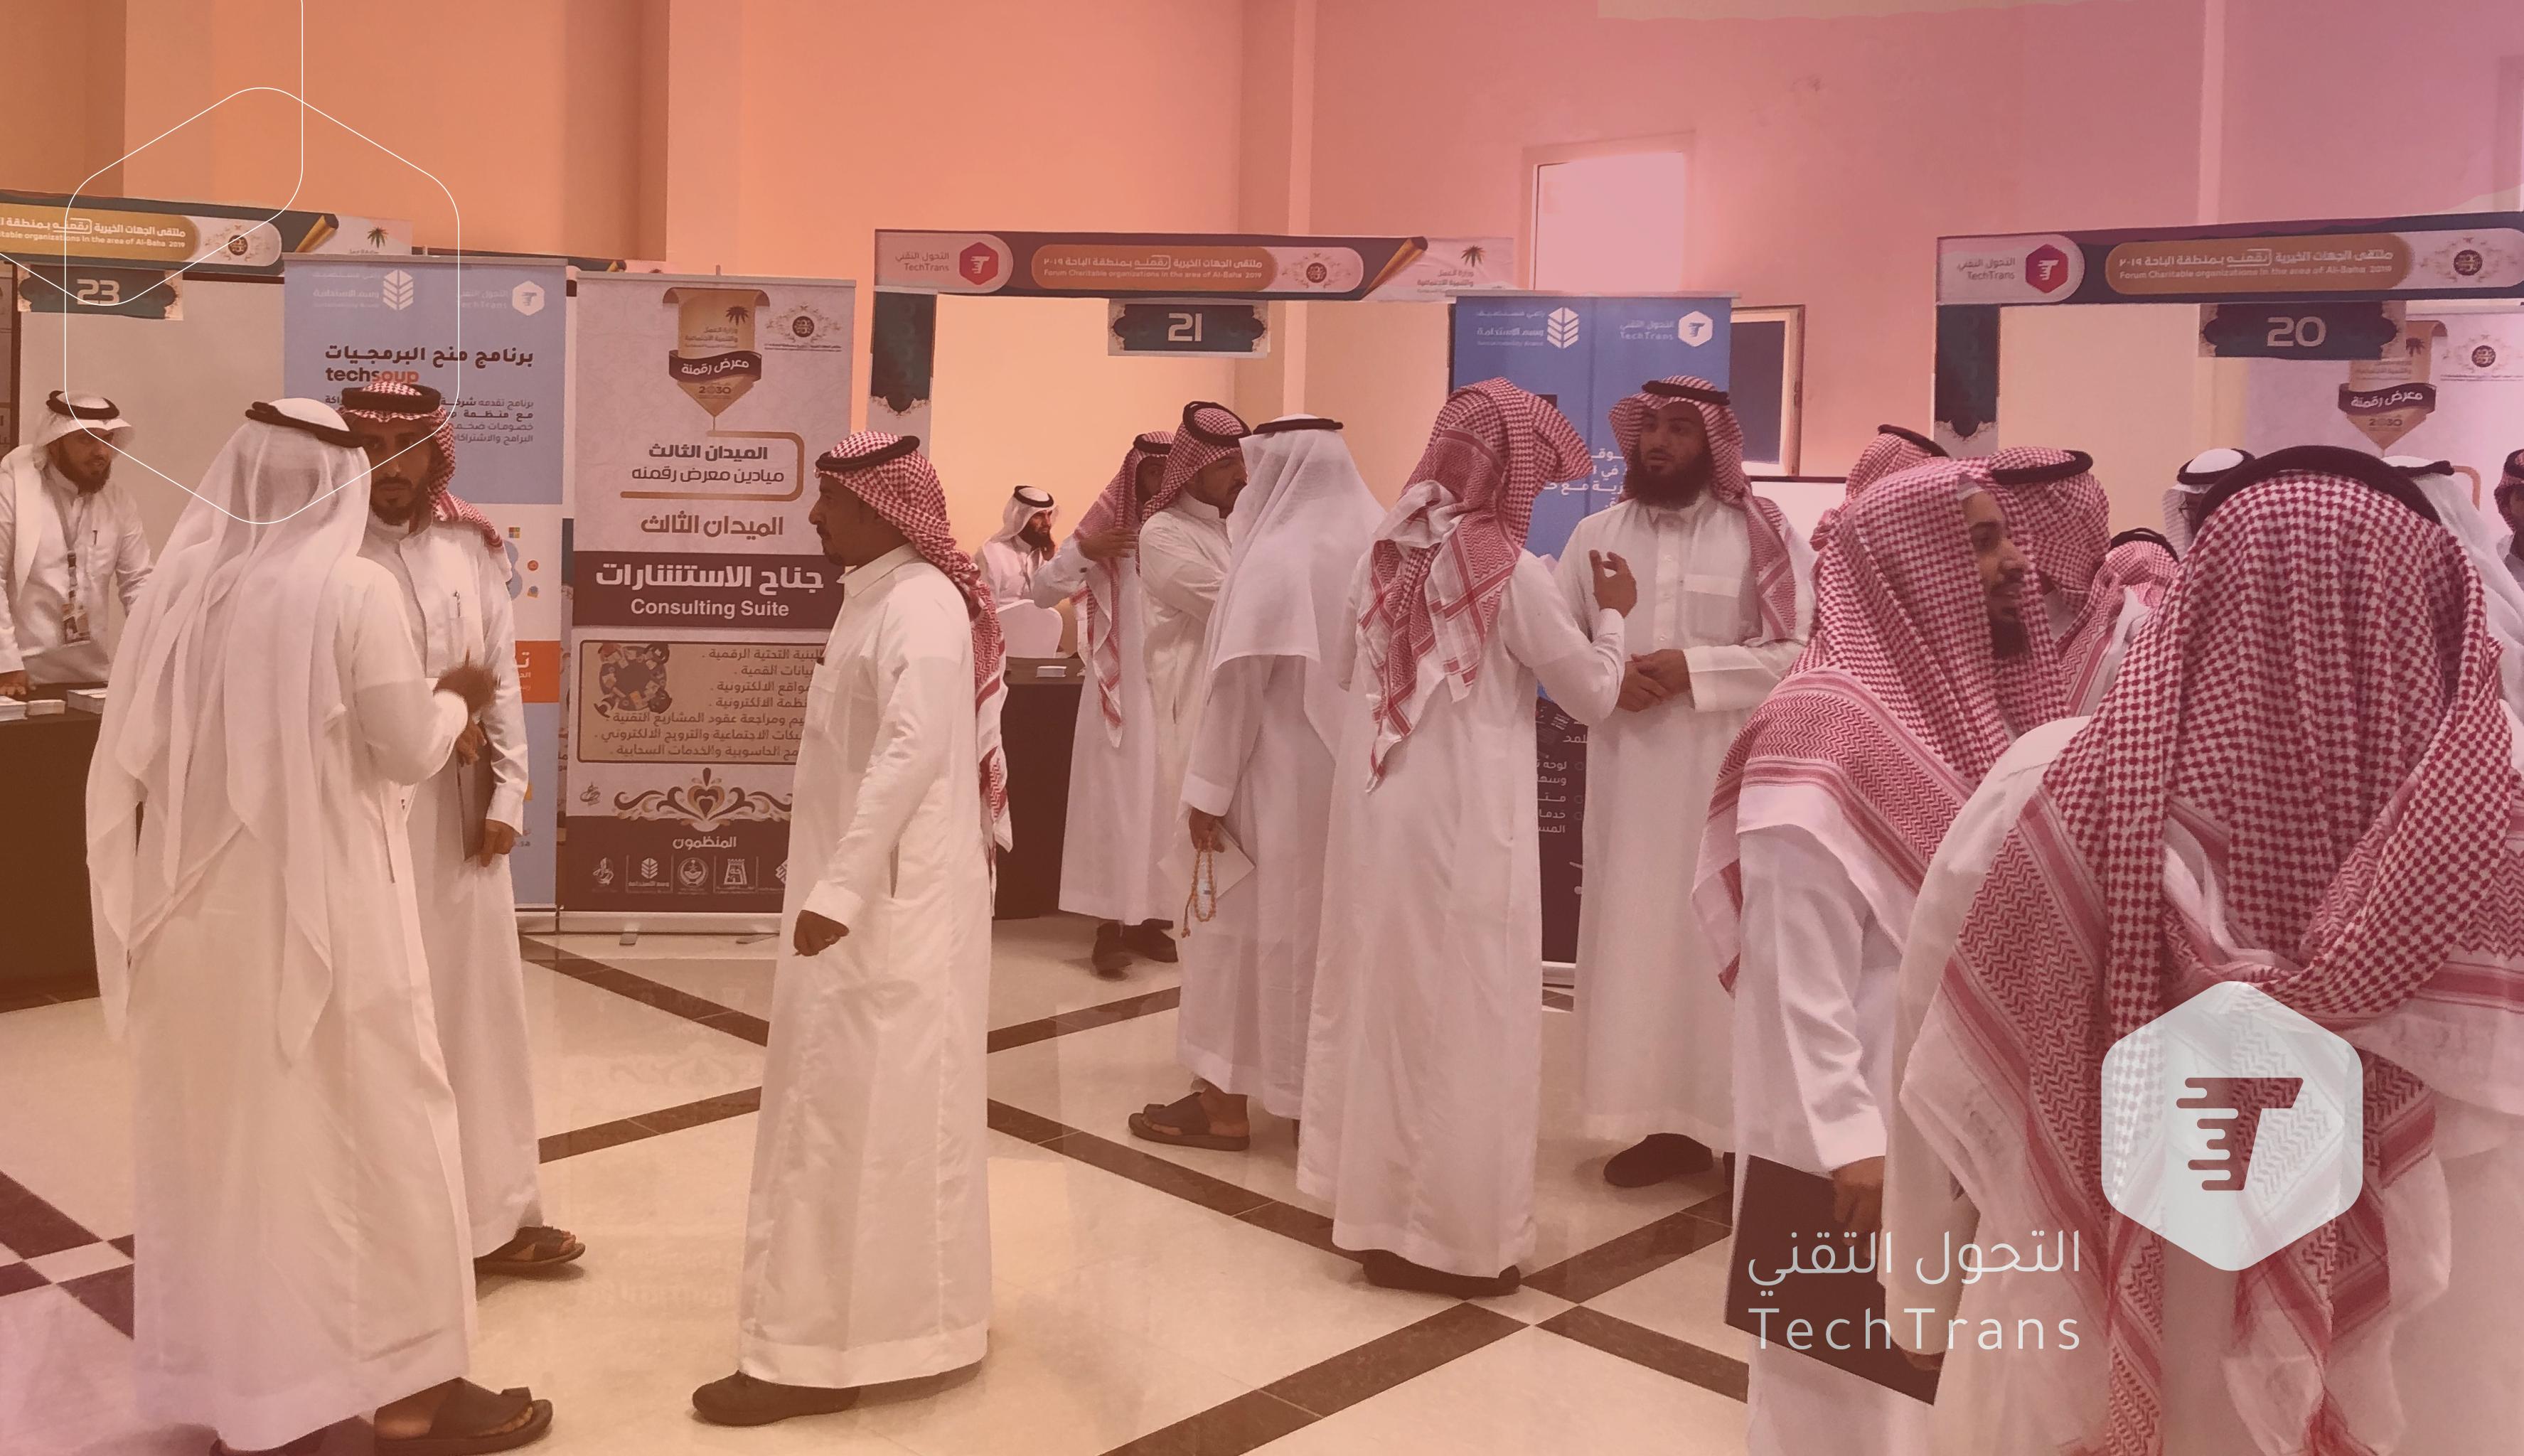 التحول التقني تشارك في ملتقى الجهات الخيرية بمنطقة الباحة